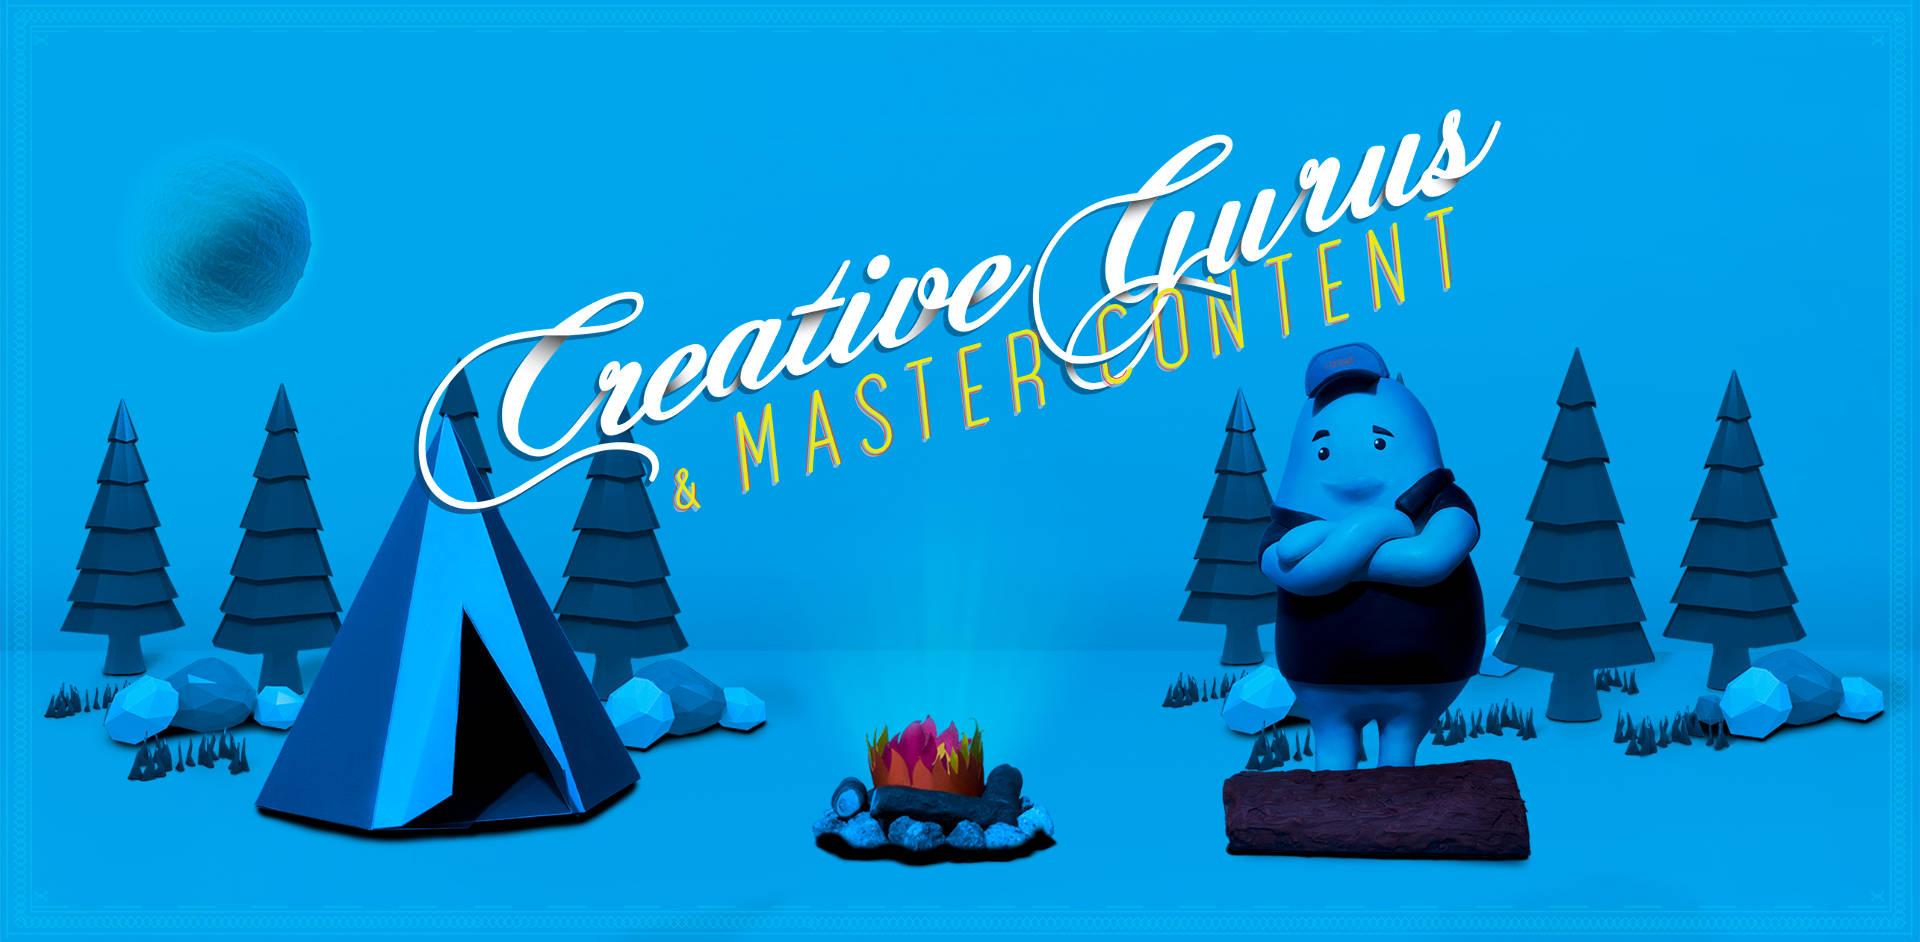 Creative Gurus & Master Content